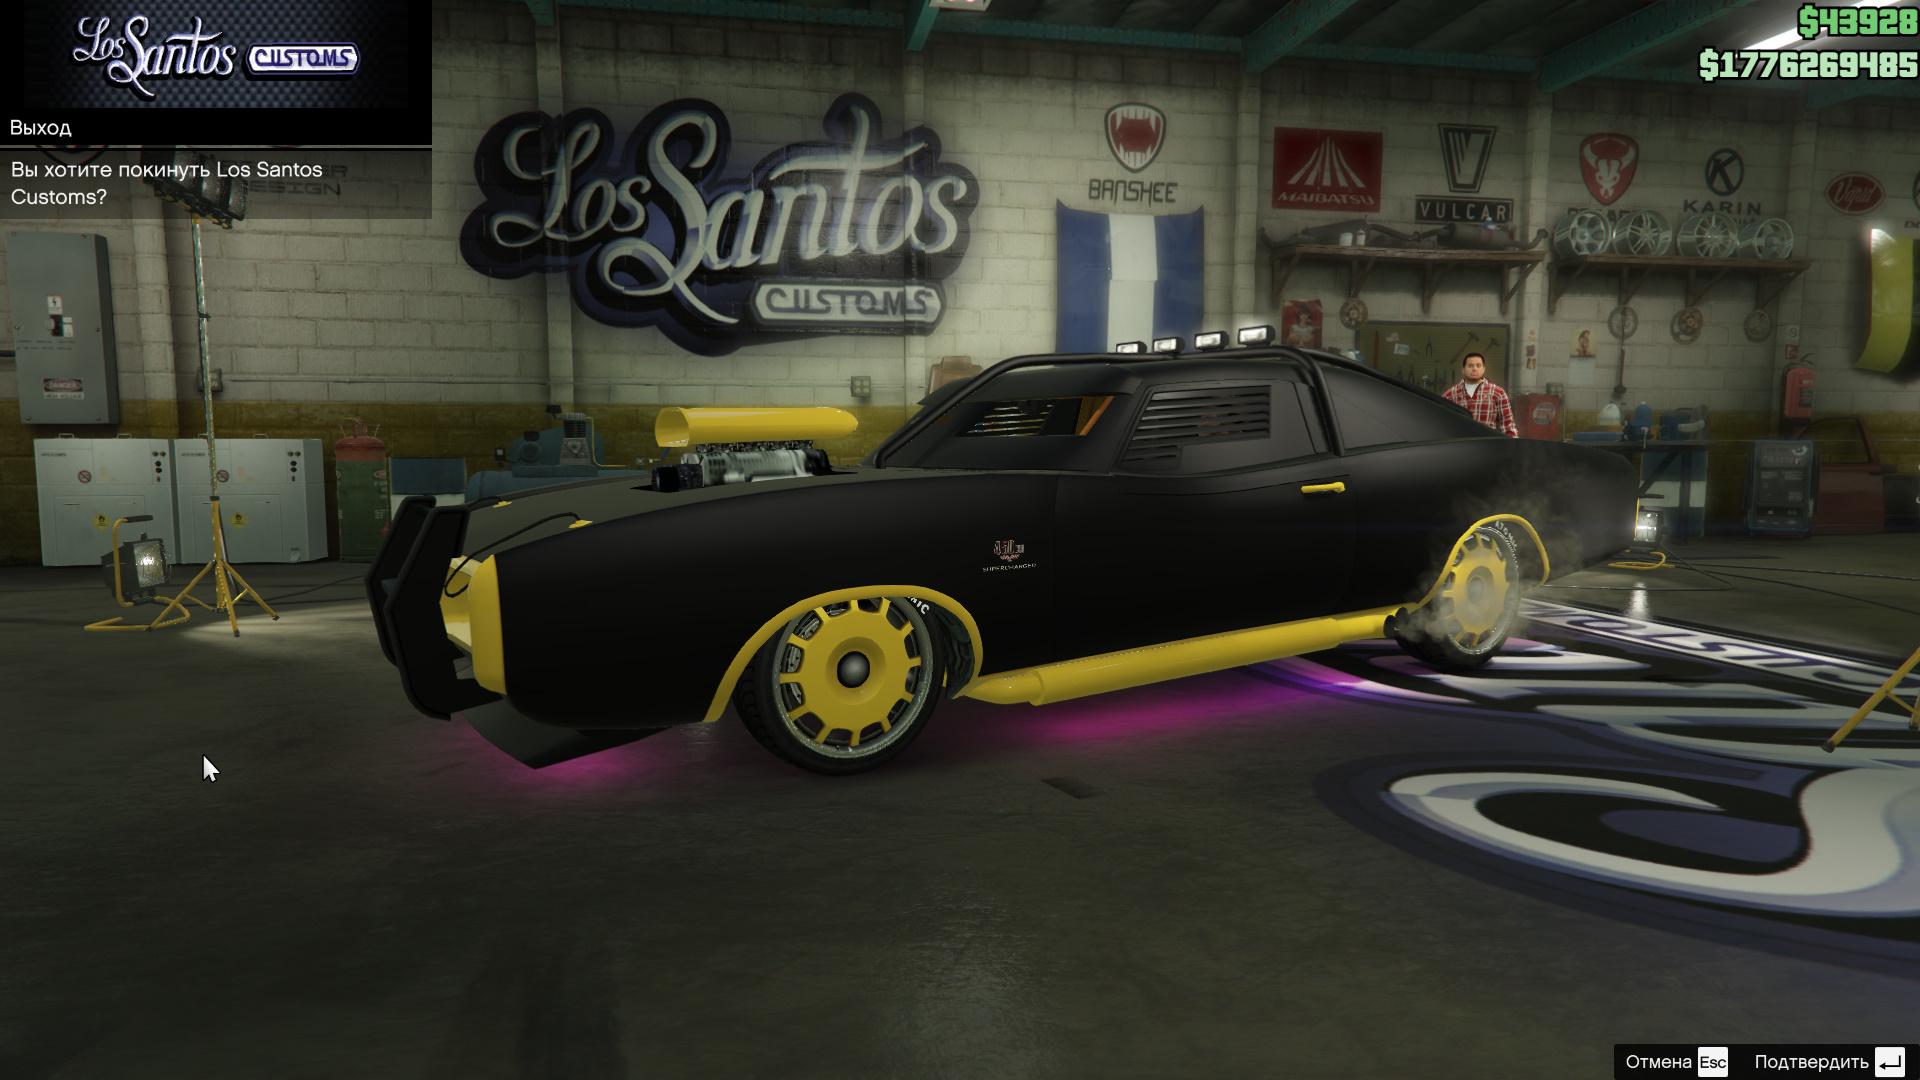 GTA5 2017-04-18 21-54-48-447.jpg - Grand Theft Auto 5 Открытый мир